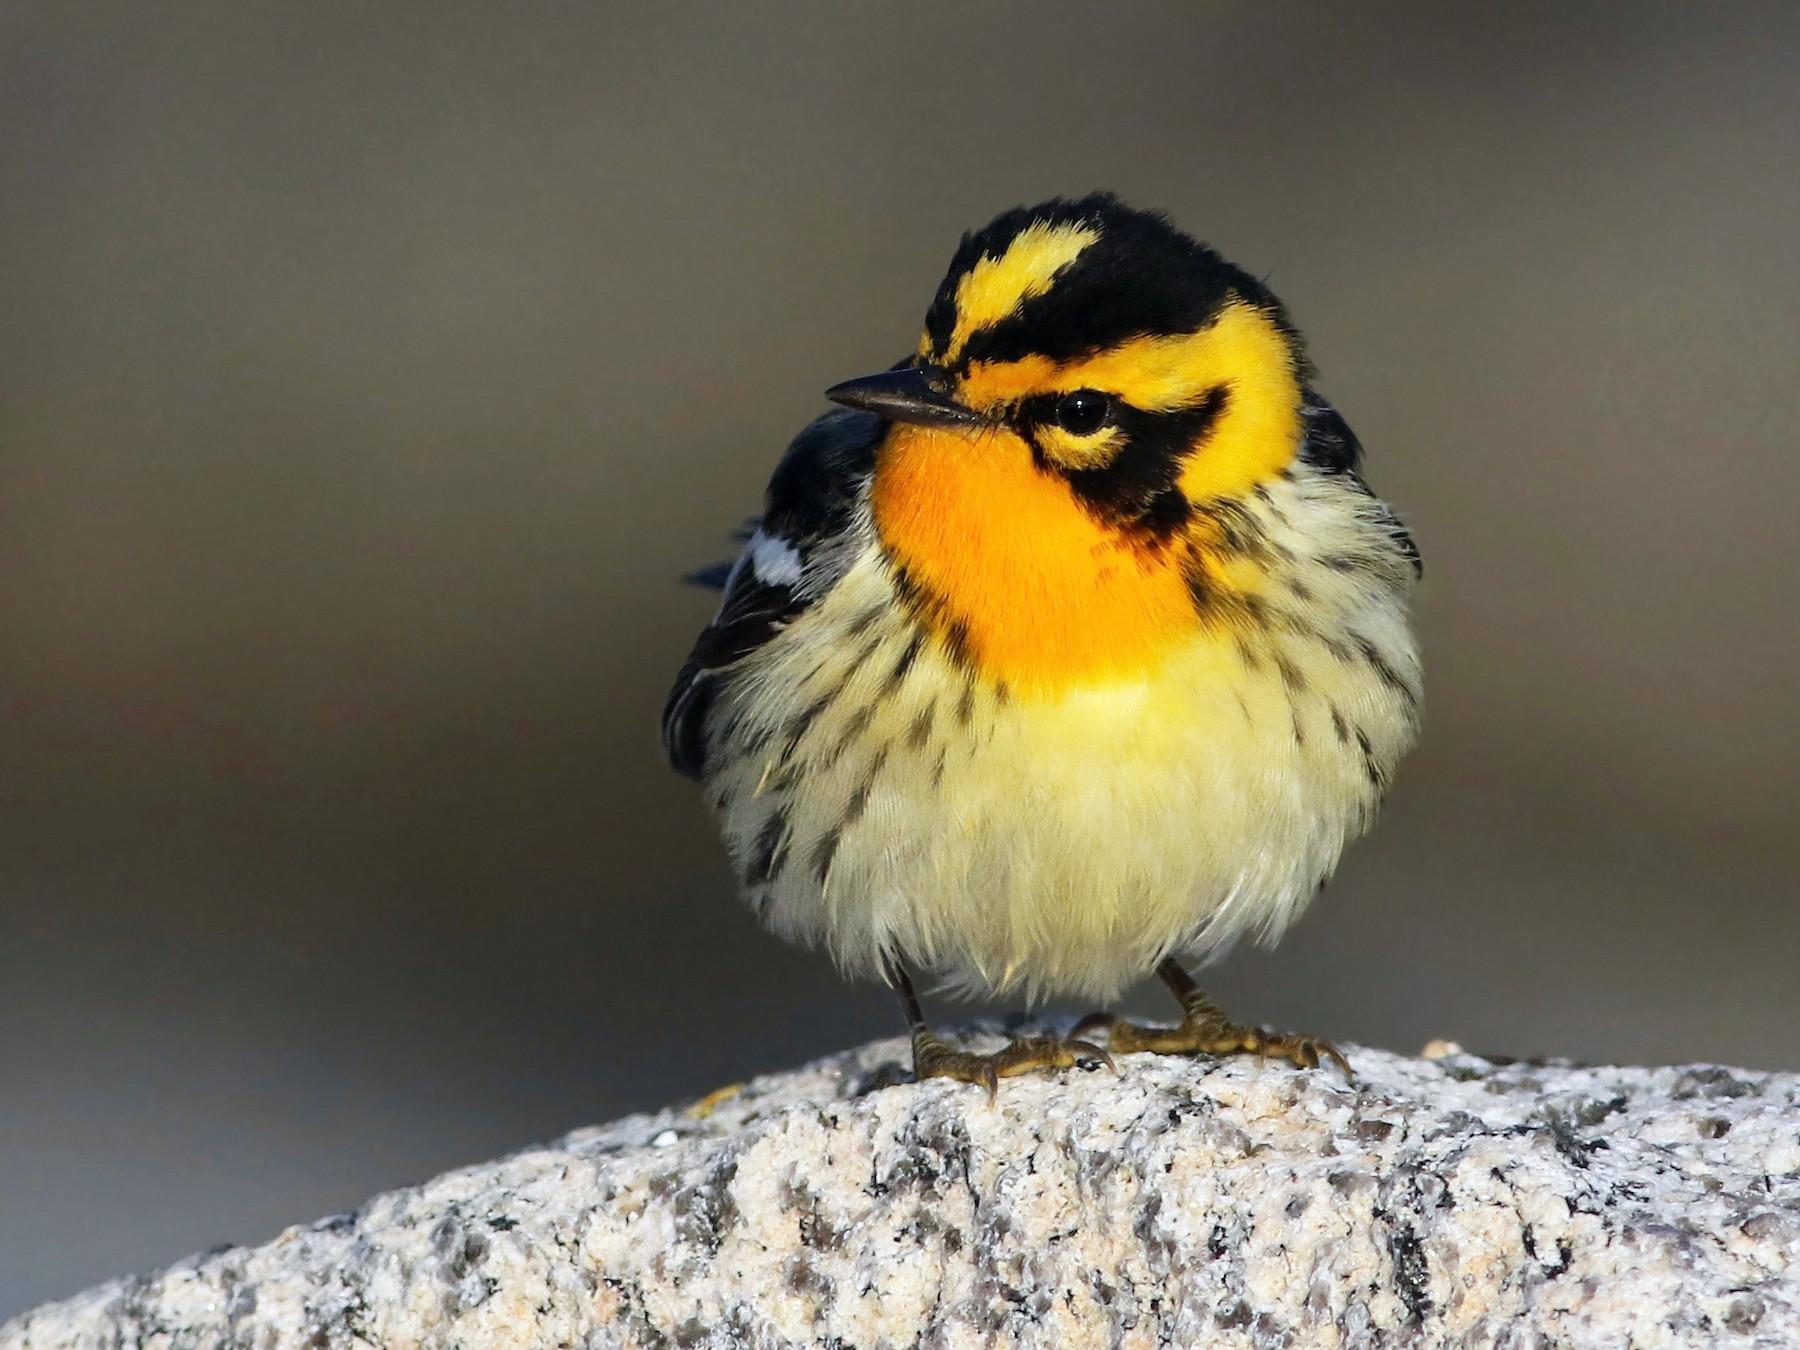 Blackburnian Warbler - Keenan Yakola